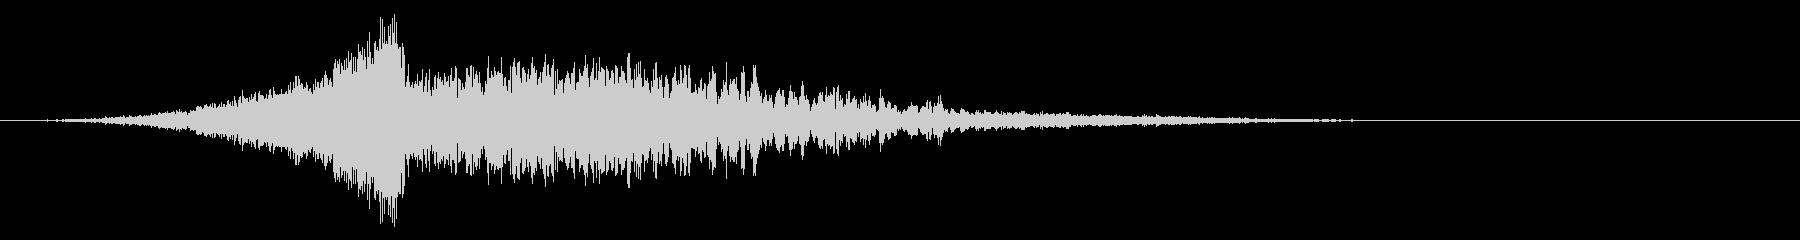 バーン:ハイブリット音:オープニング2の未再生の波形